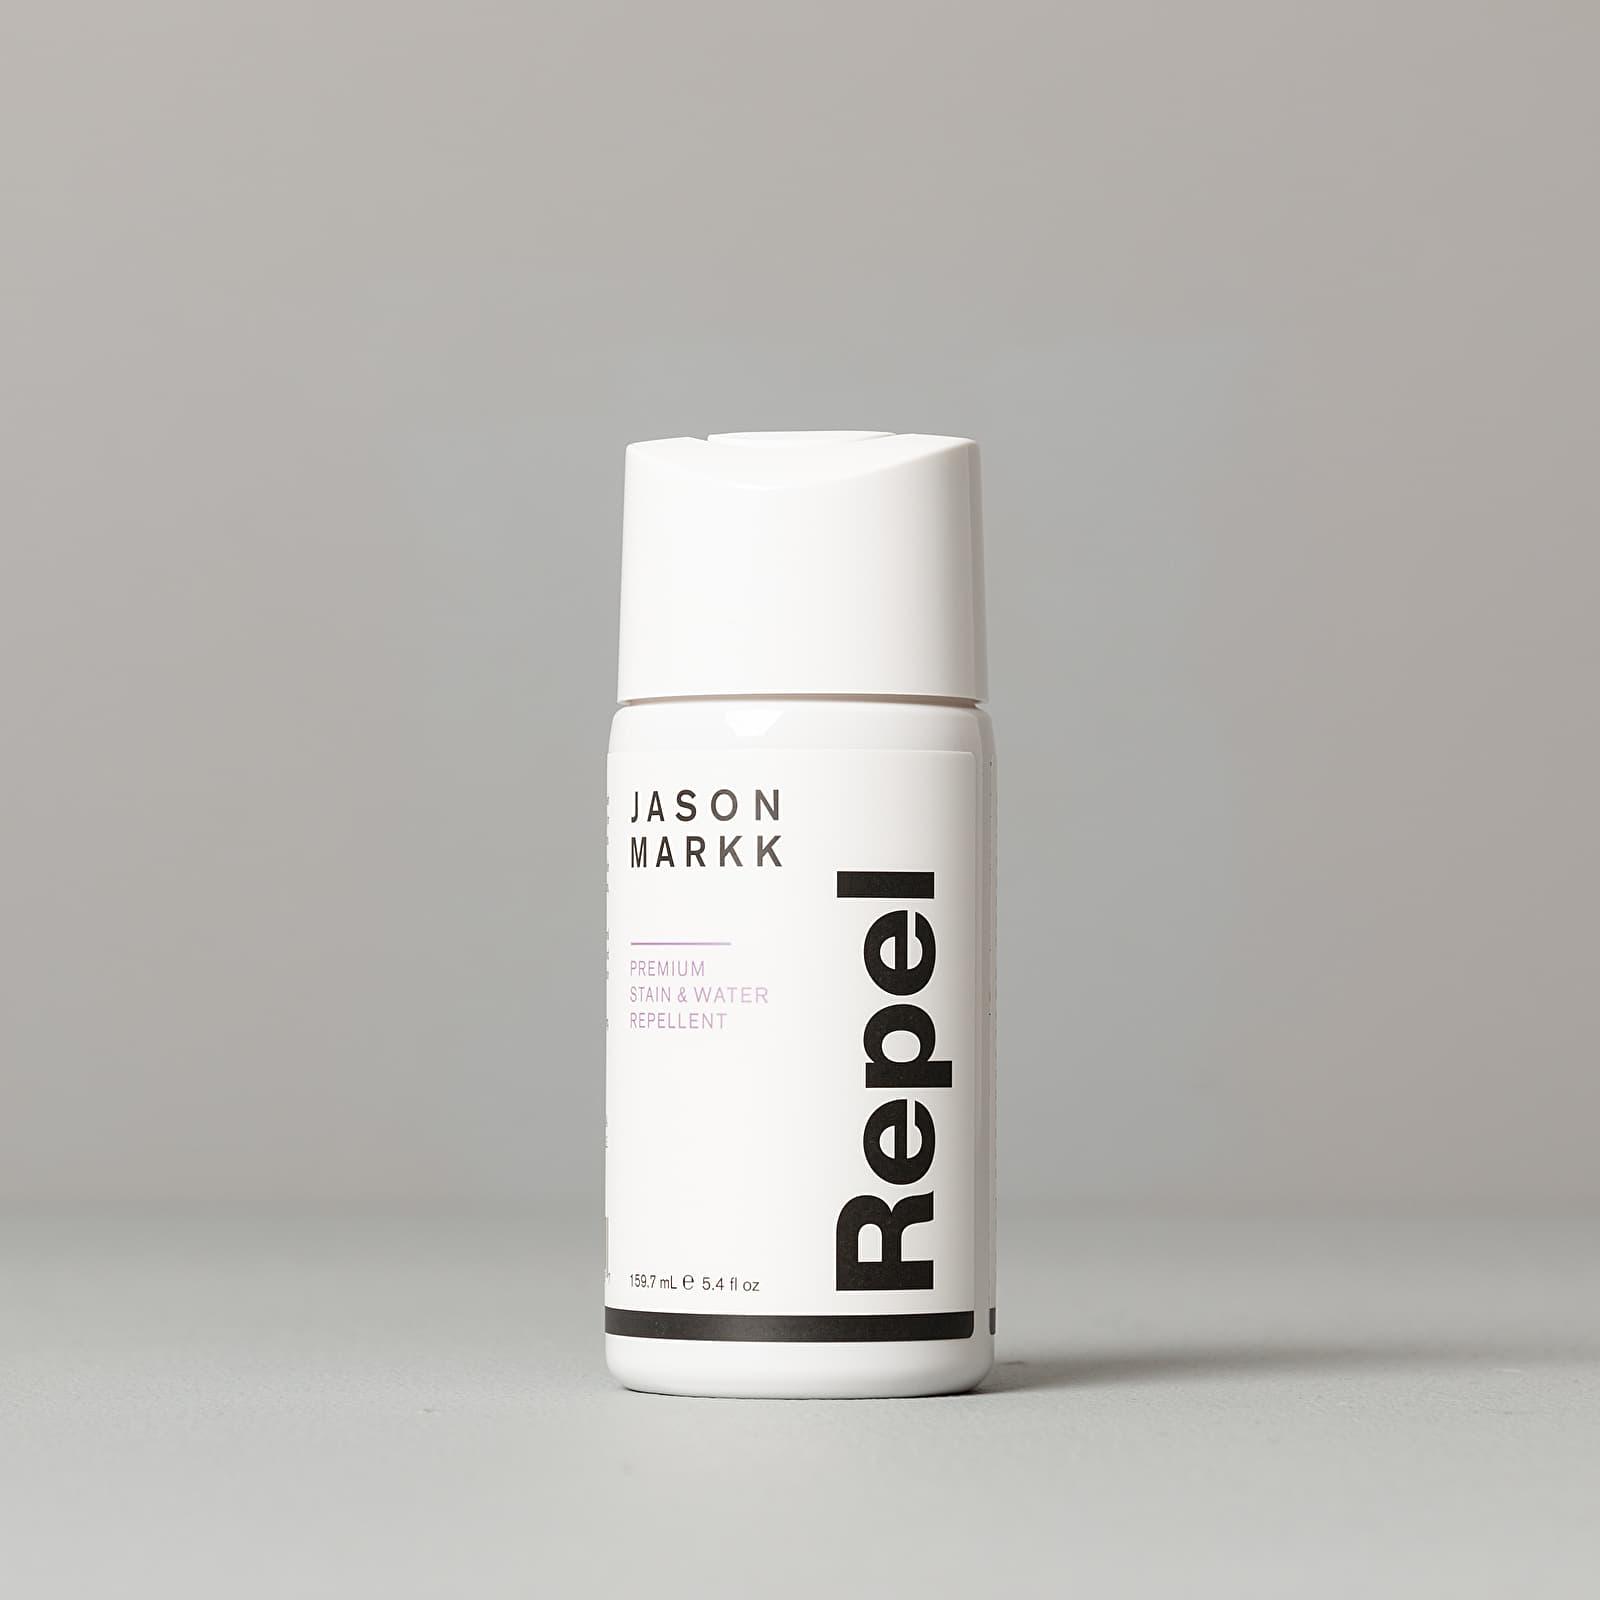 Péče o boty Jason Markk Premium Stain & Water Repellent